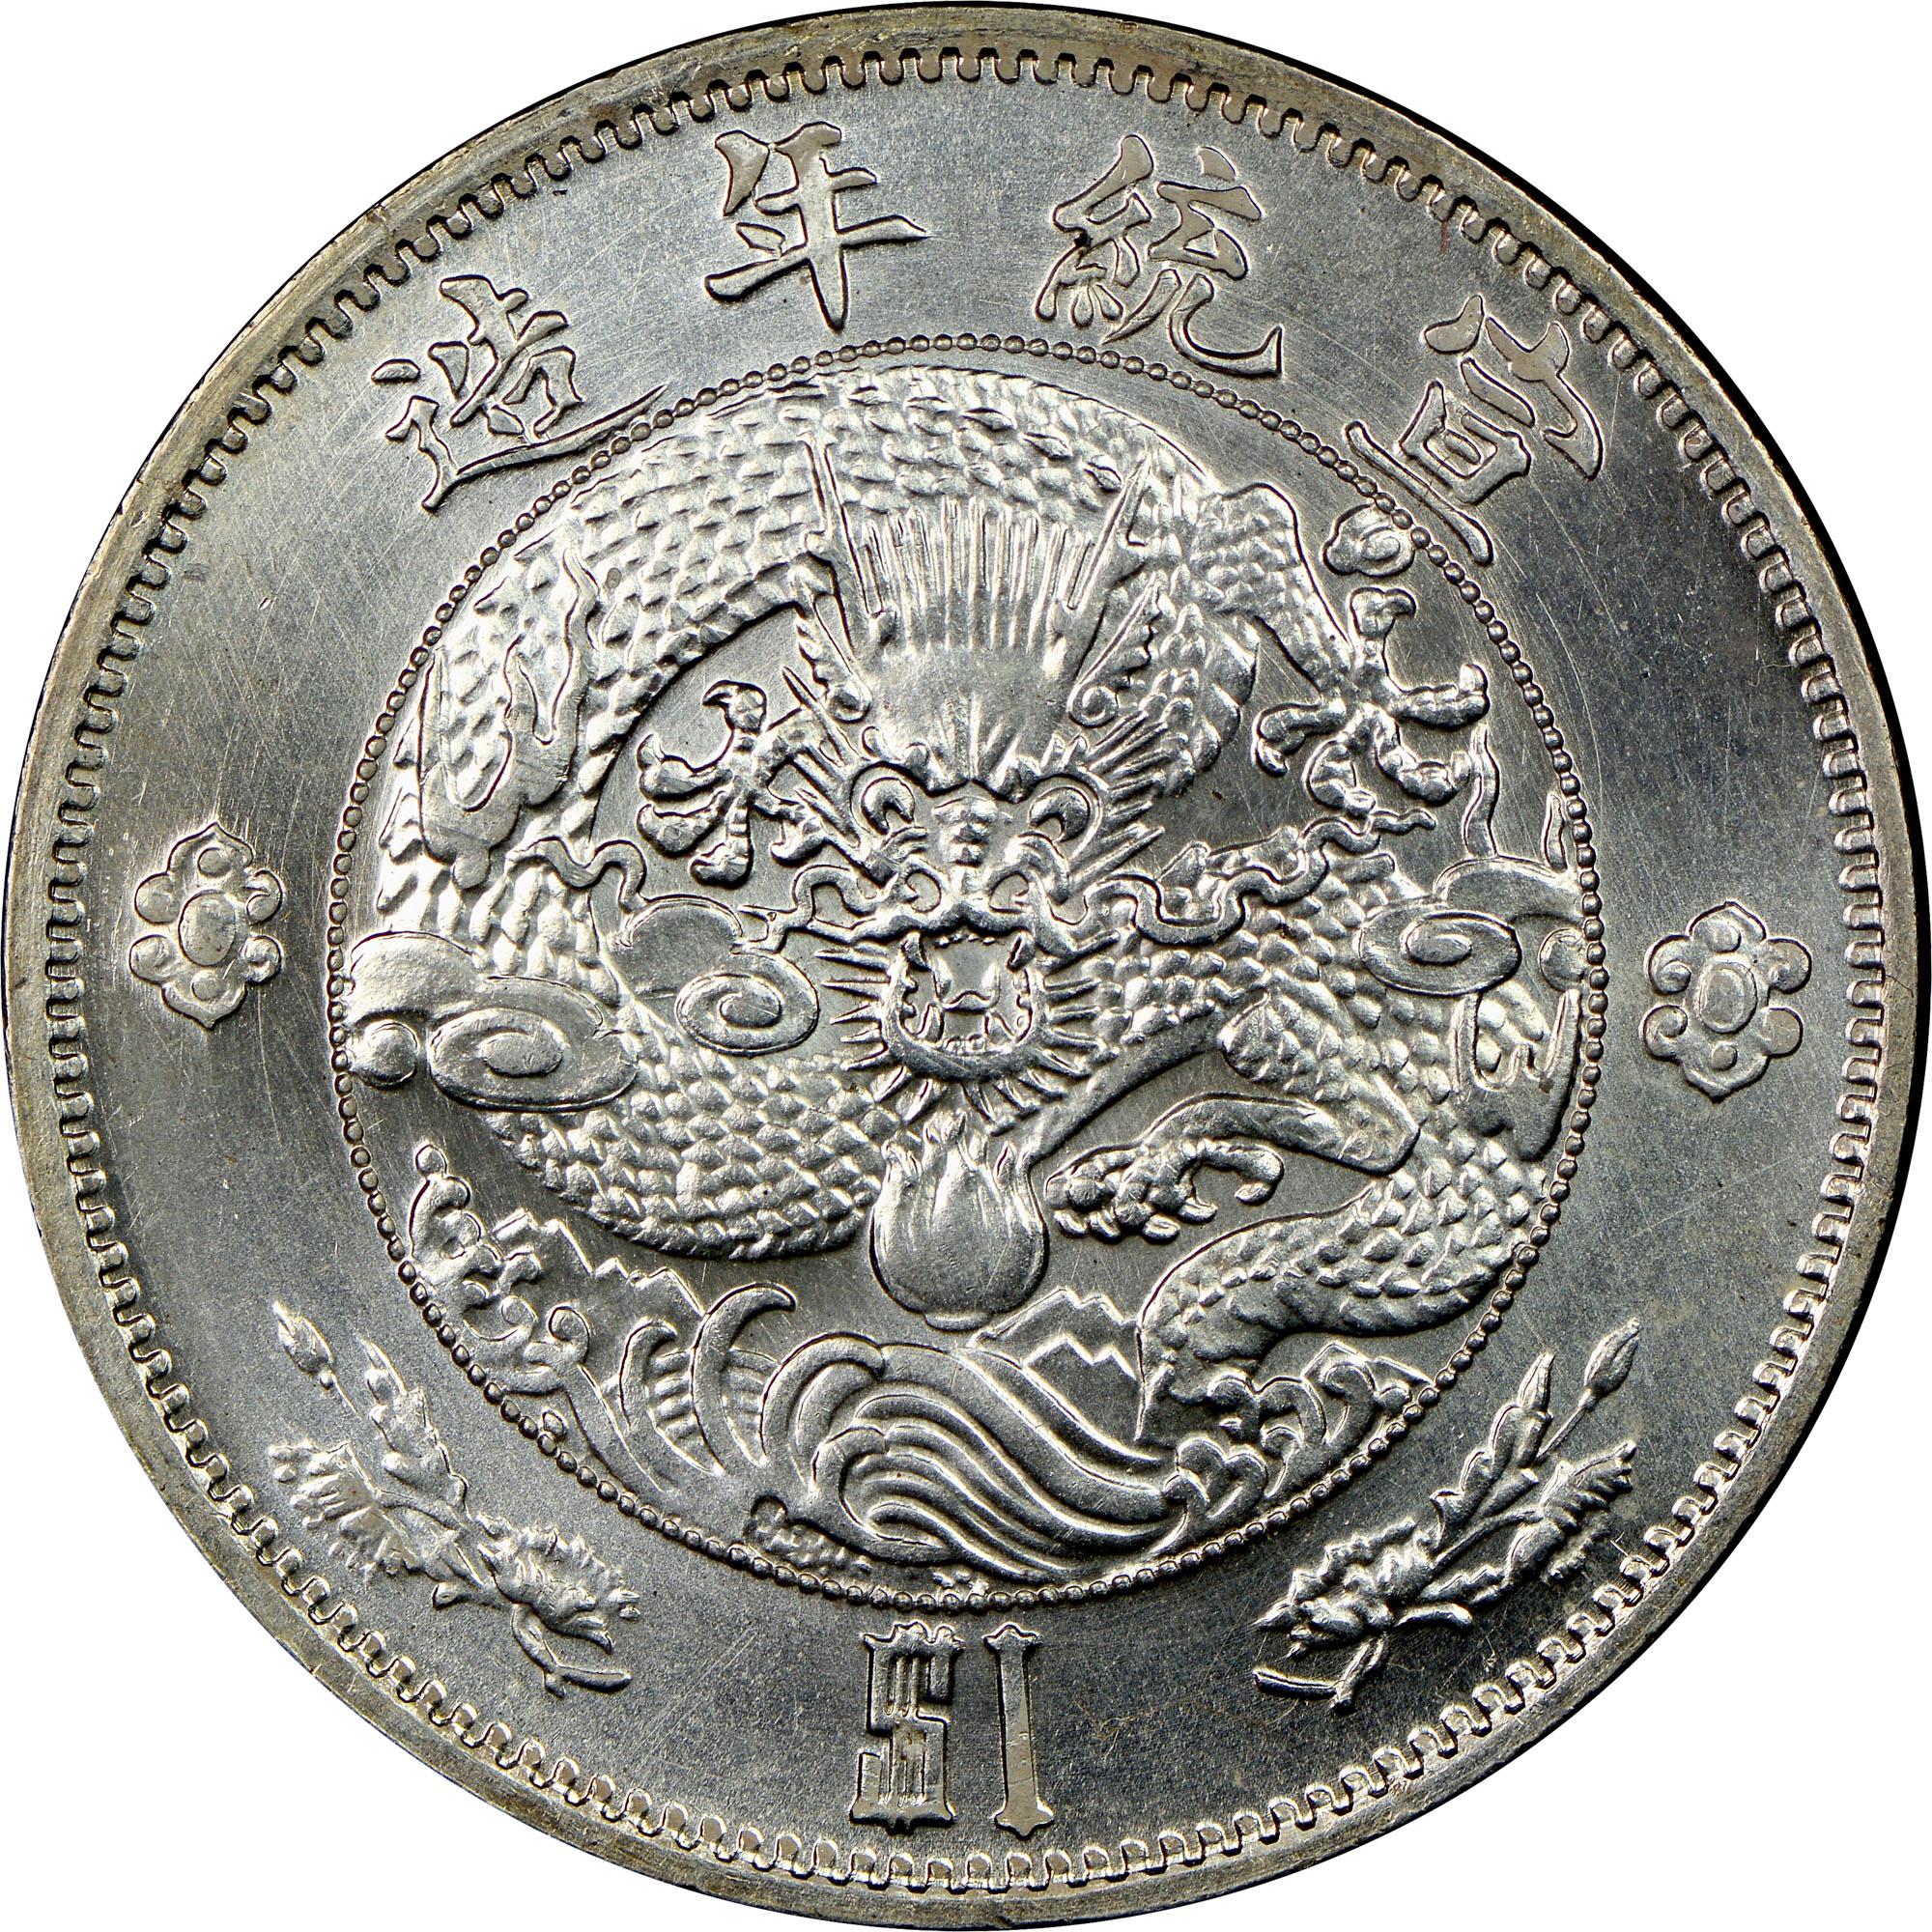 (1910) China EMPIRE Dollar reverse